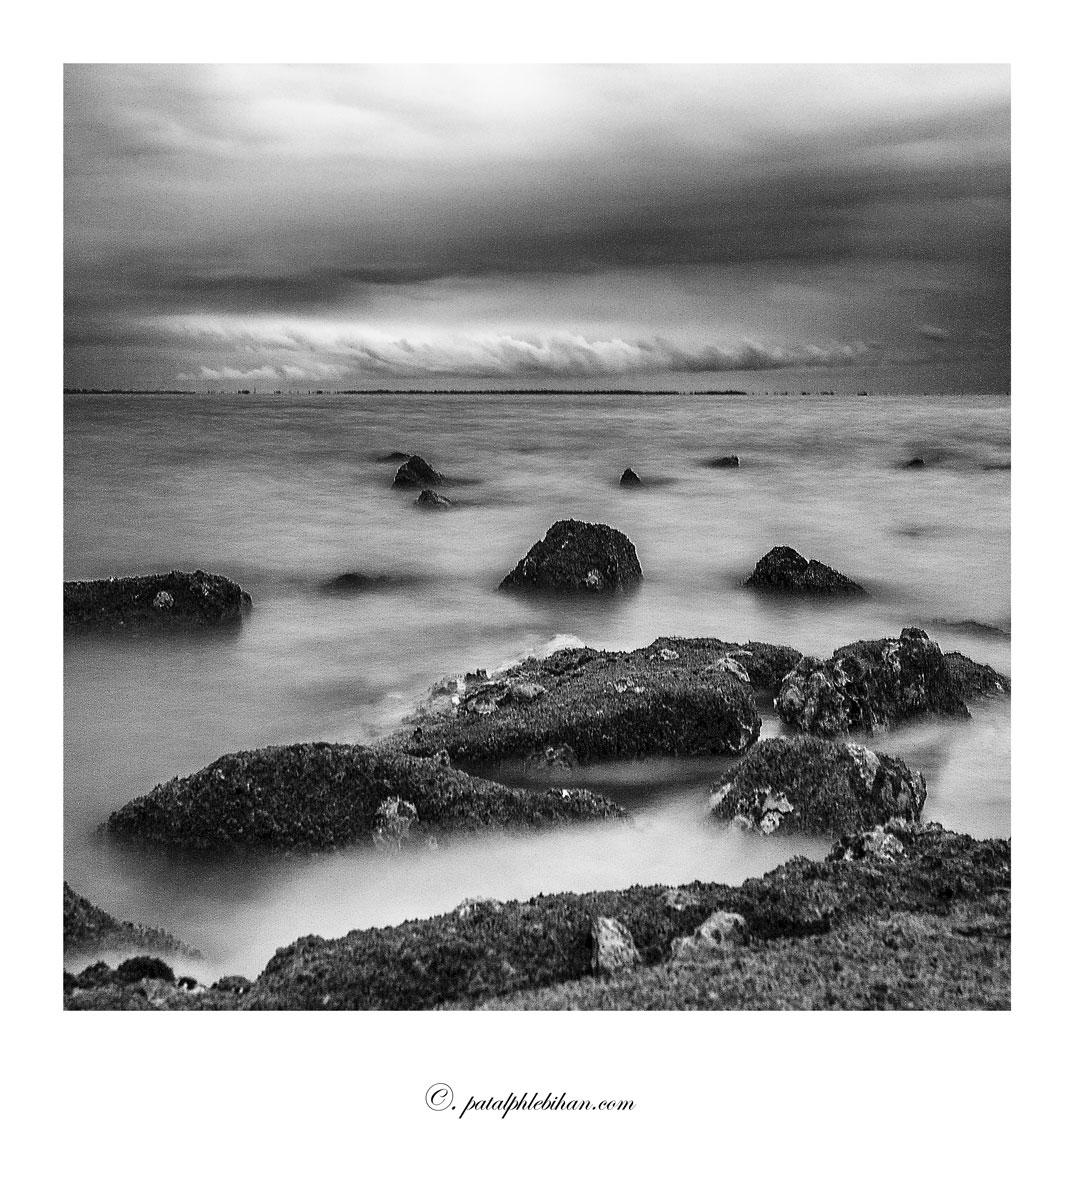 Noirmout_0355-acnbpolaw